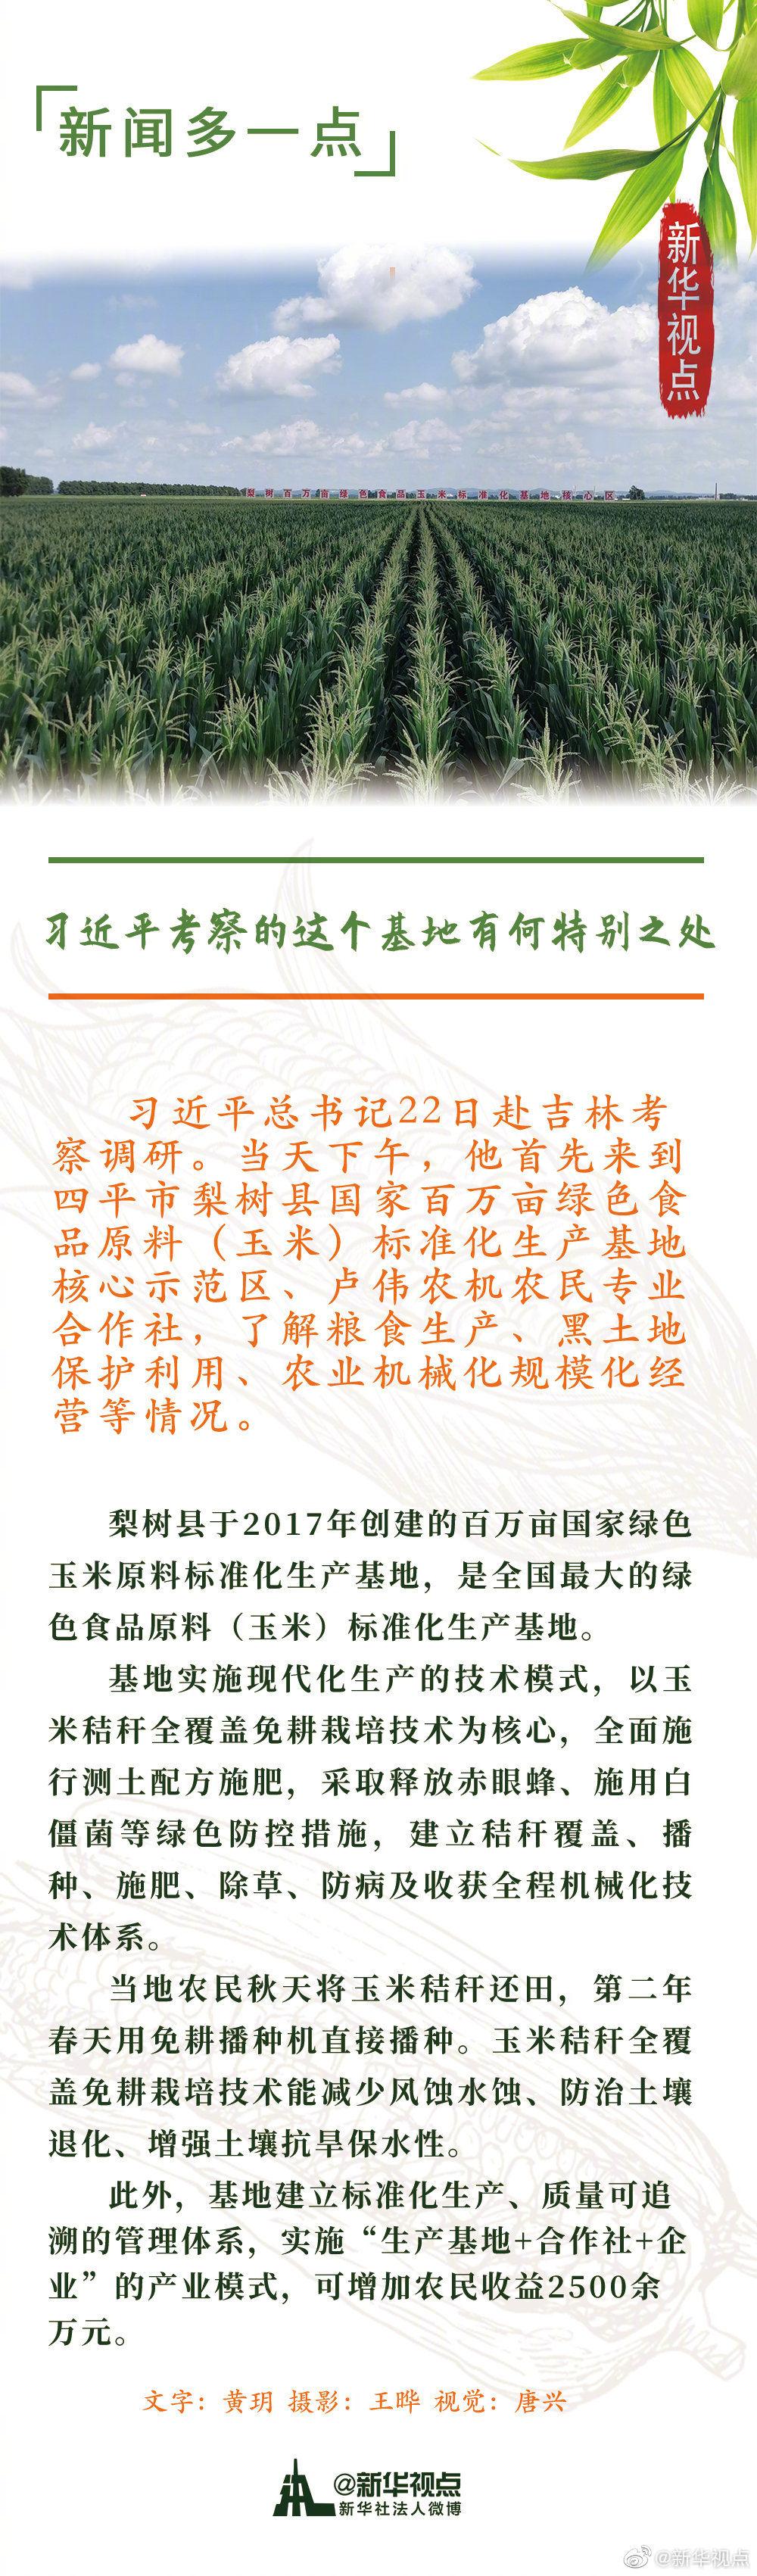 新华社记者:习近平赴吉林考察调研